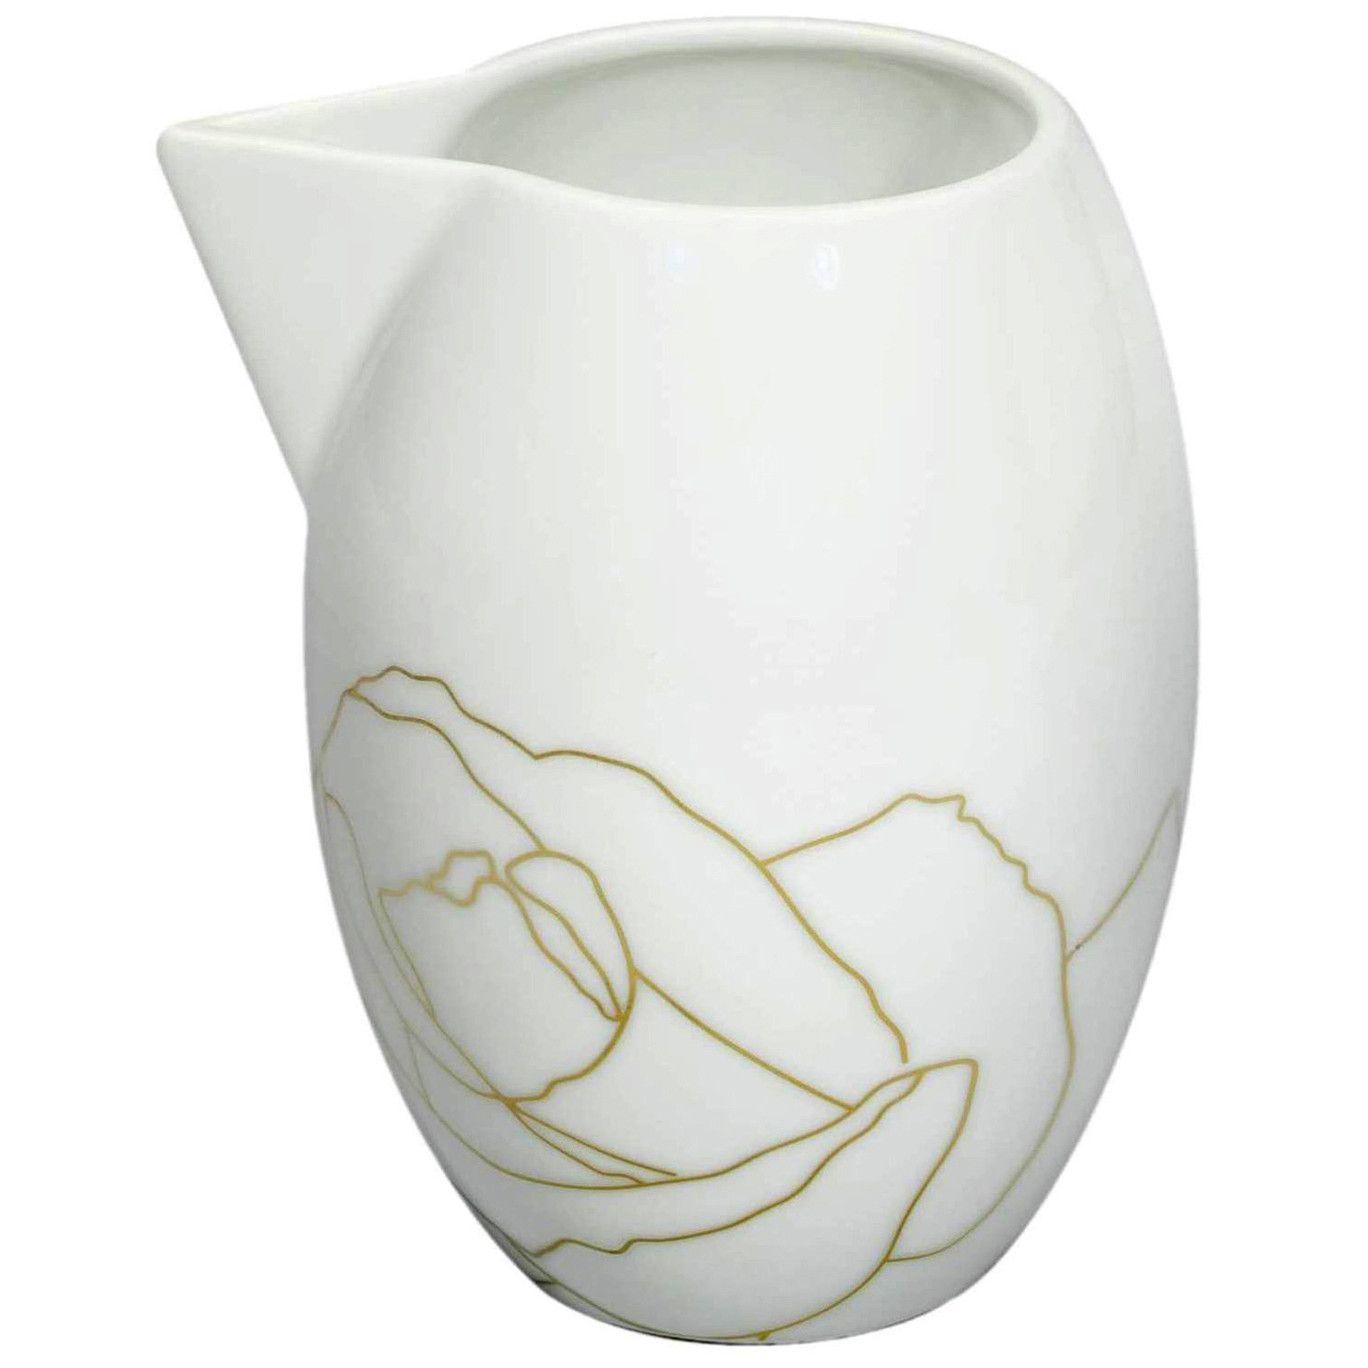 Rose Porcelain Milk Jug